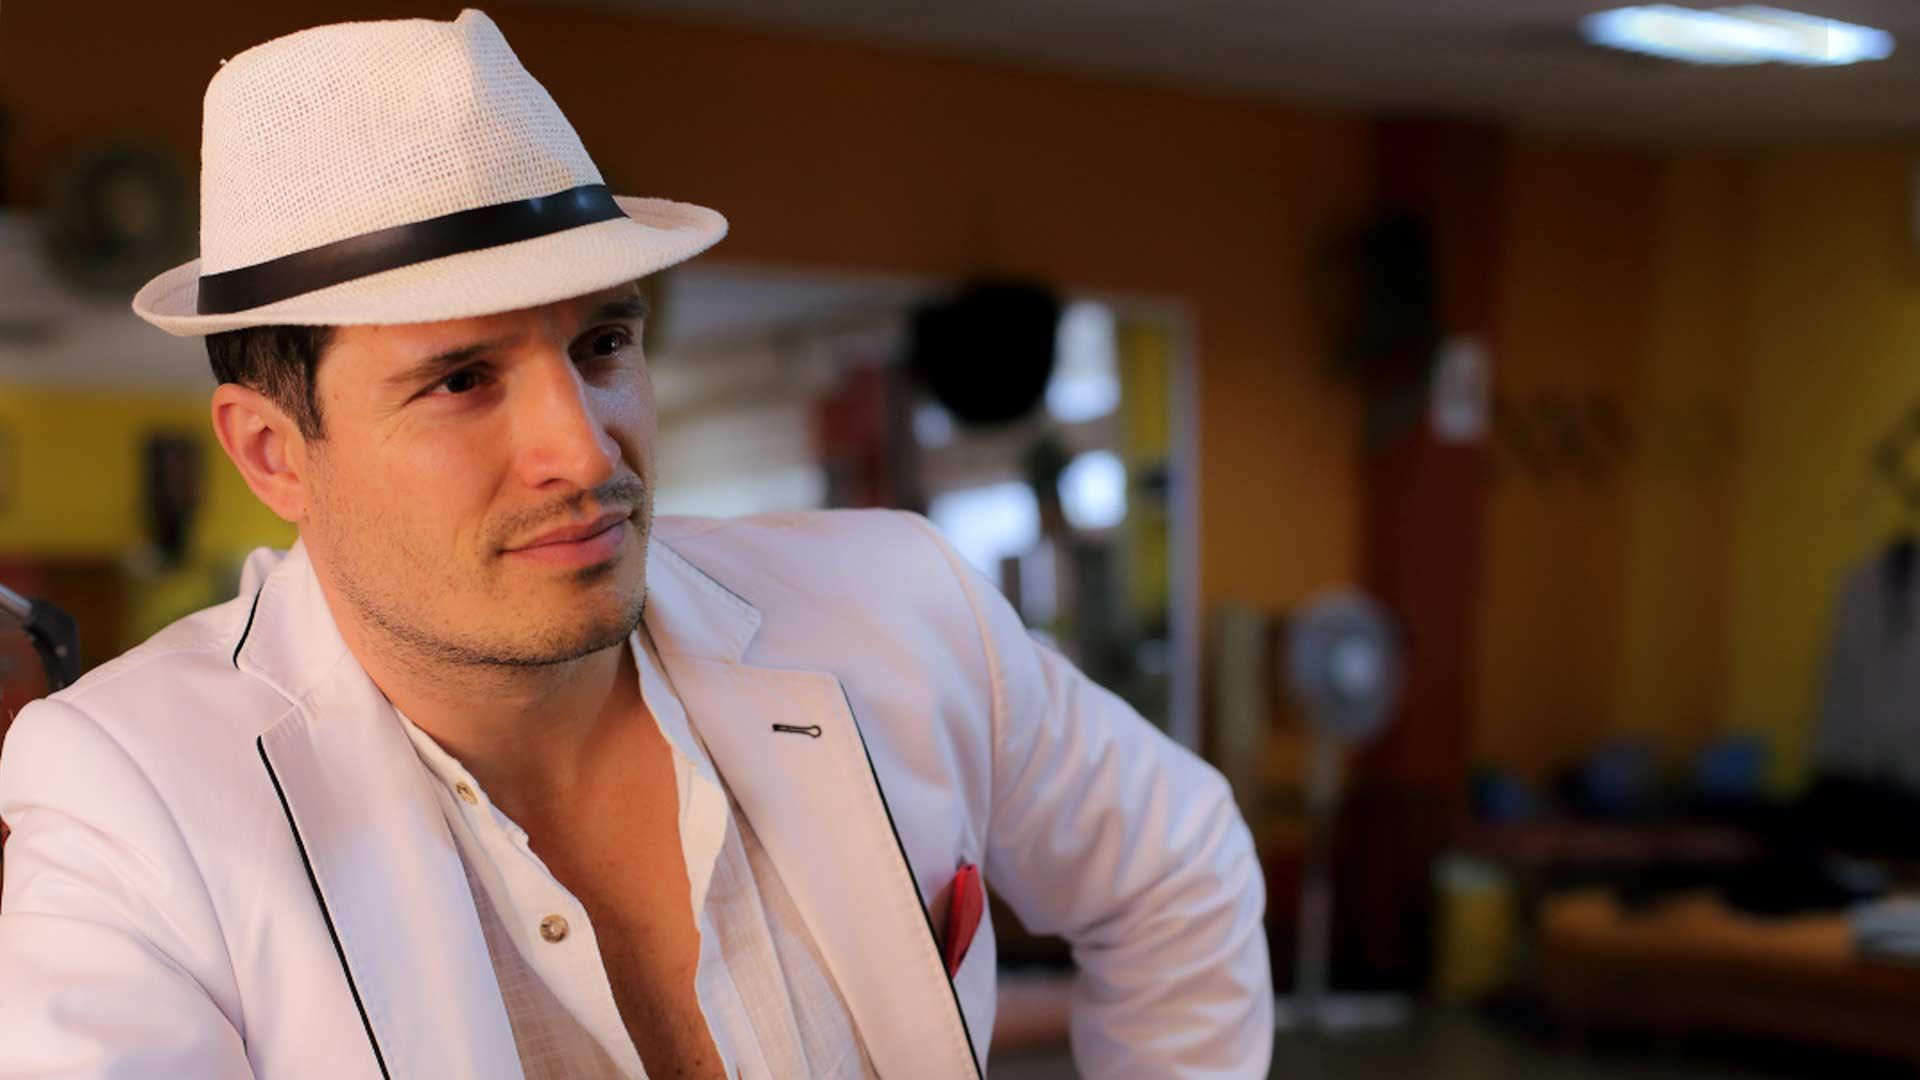 Участник в Latino Picnic е и Димитър Лазаров - De Fuego, който също е международен шампион по салса, както и основател на една от най-големите танцови школи у нас.